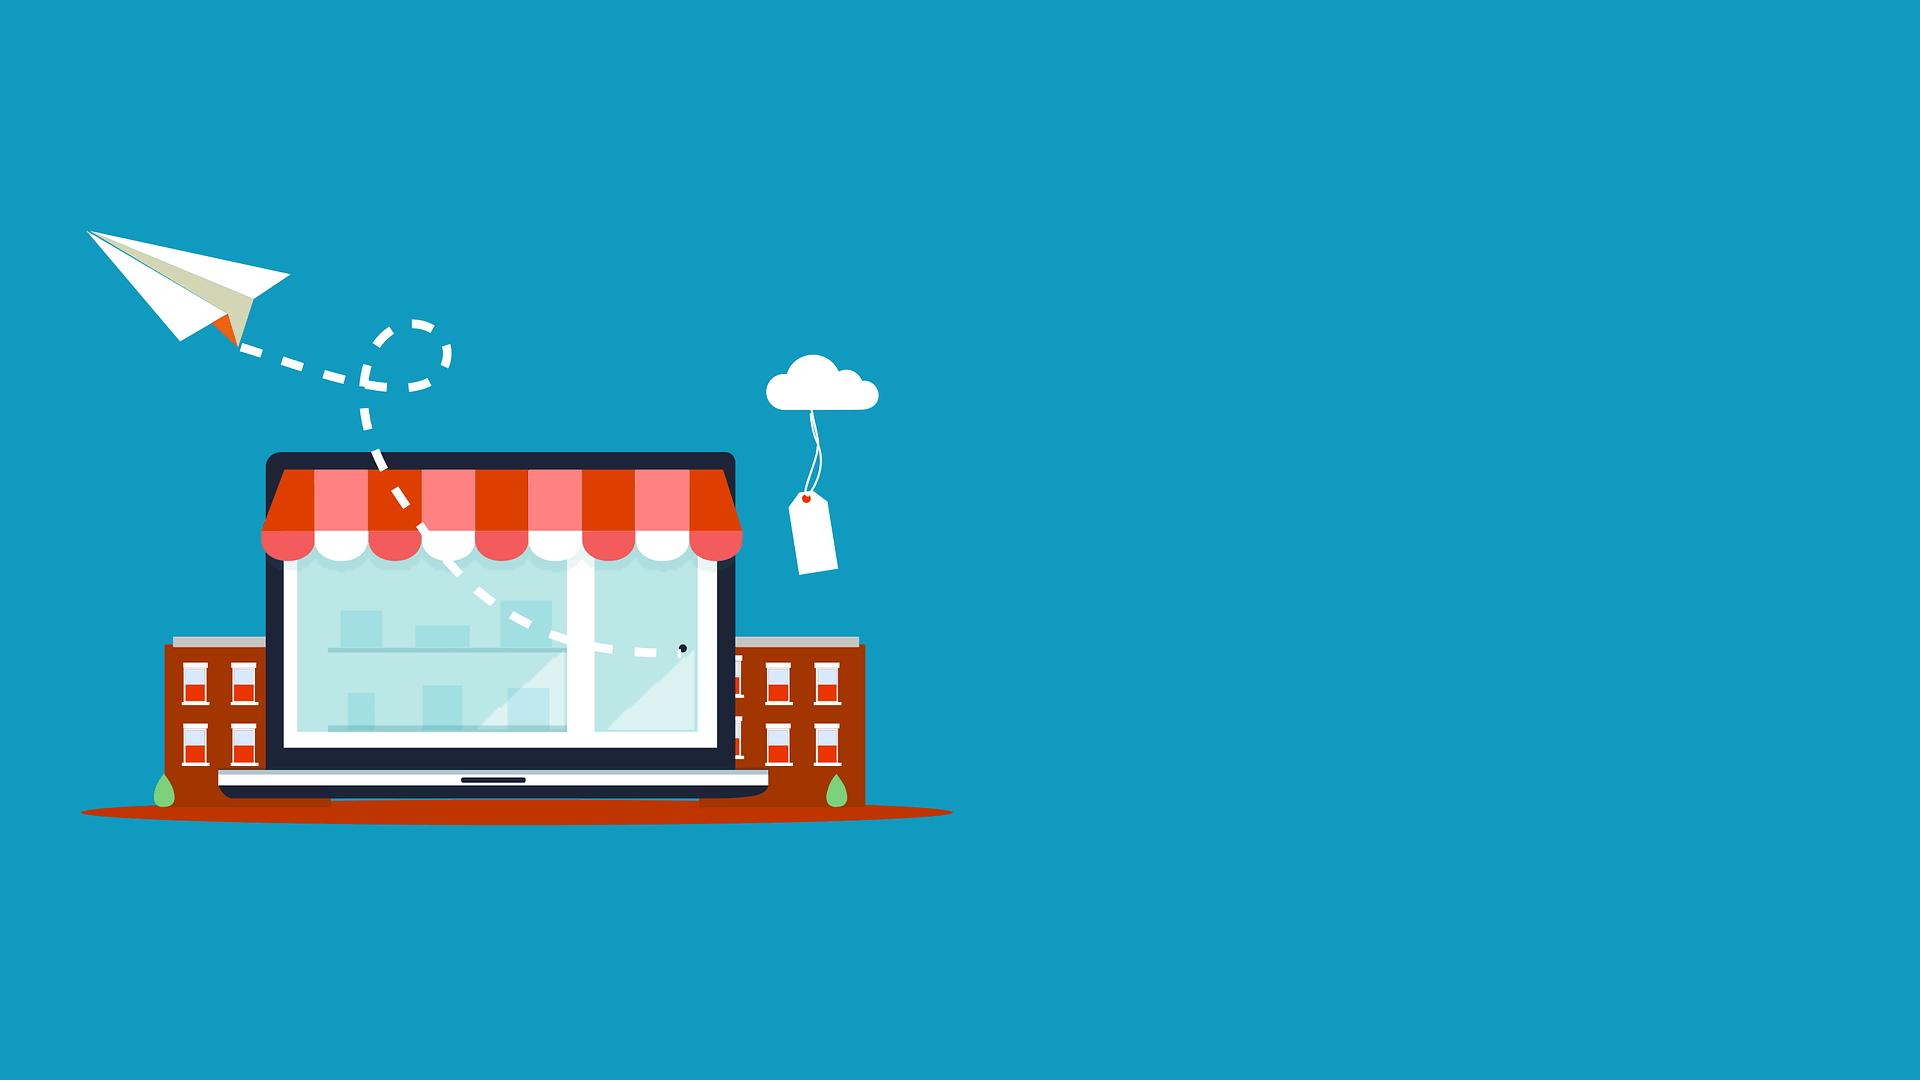 Illustrazione negozio e-commerce